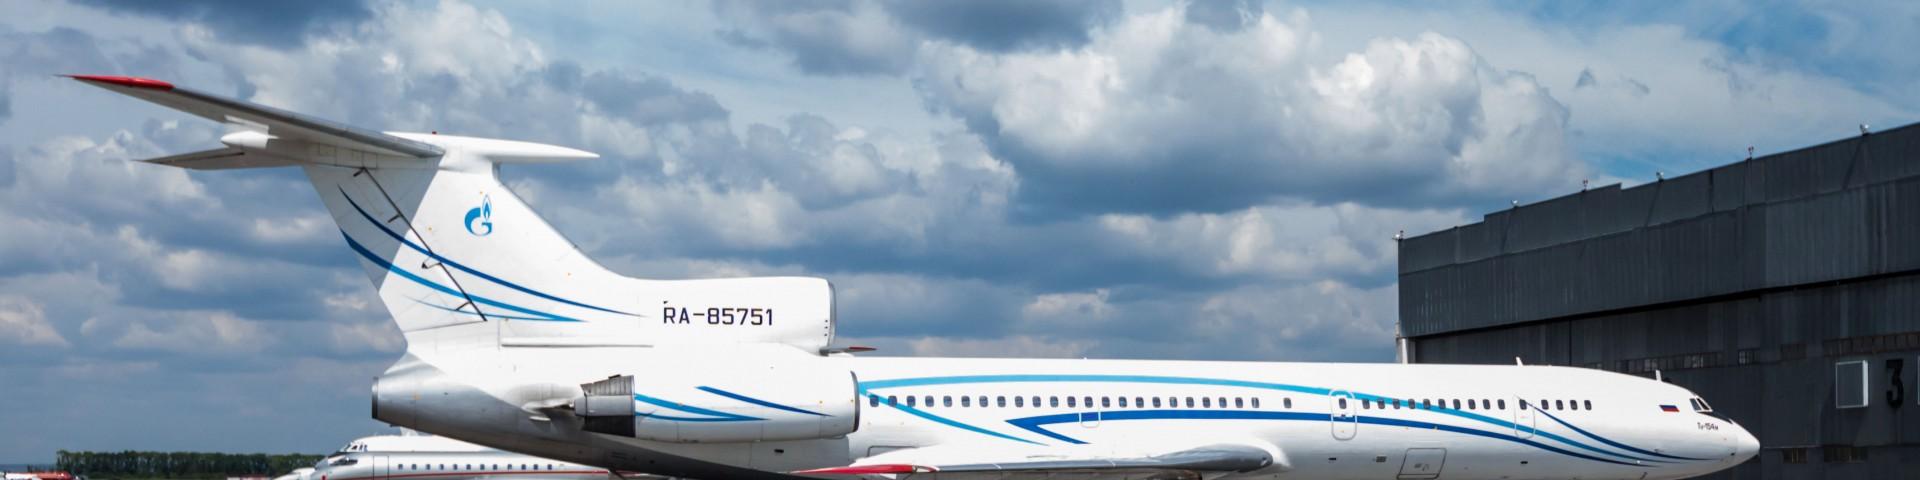 Ту-154 Газпромавиа